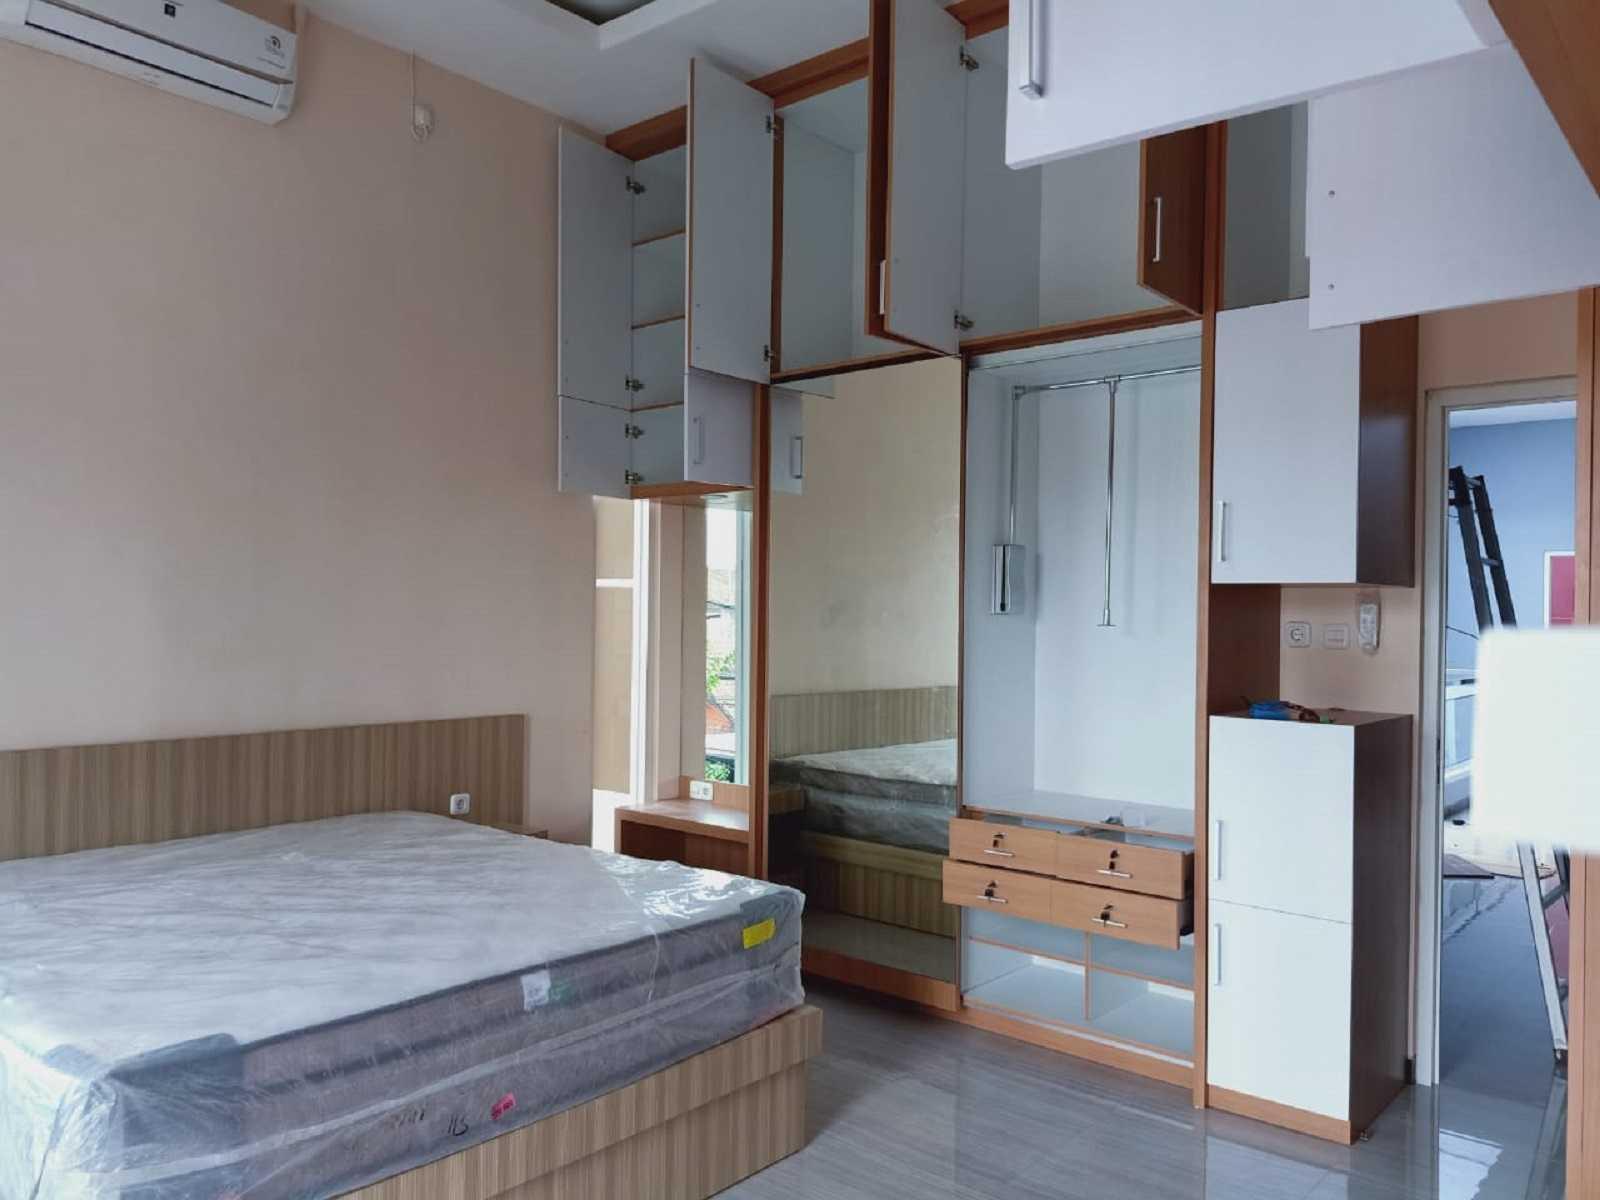 Metom Design Rumah Ibu Dian Y Malang, Kota Malang, Jawa Timur, Indonesia Malang, Kota Malang, Jawa Timur, Indonesia Metom-Design-Interior-Ibu-Dian-Y  98941